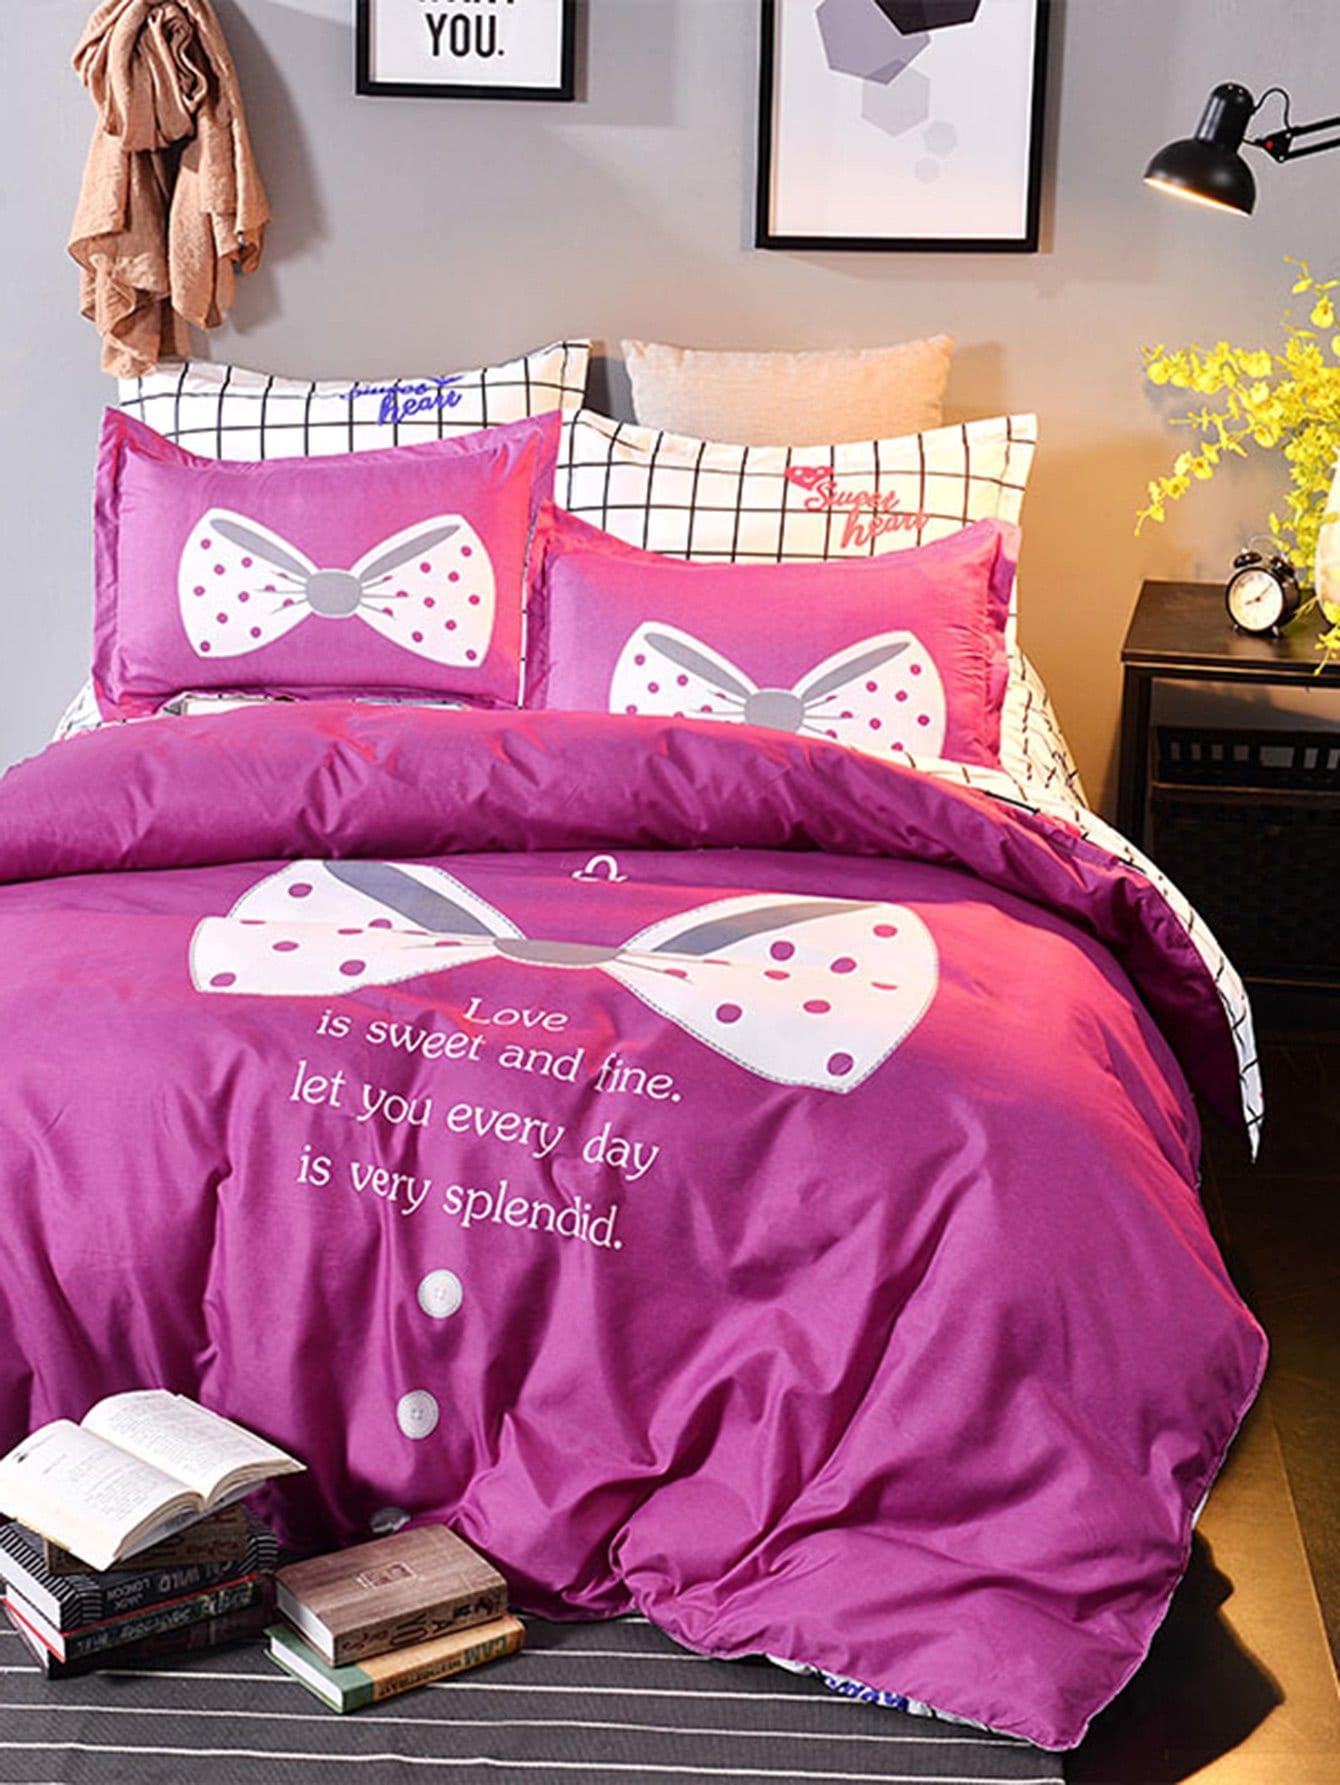 Комплект для кровати с принтом слоган и клетки